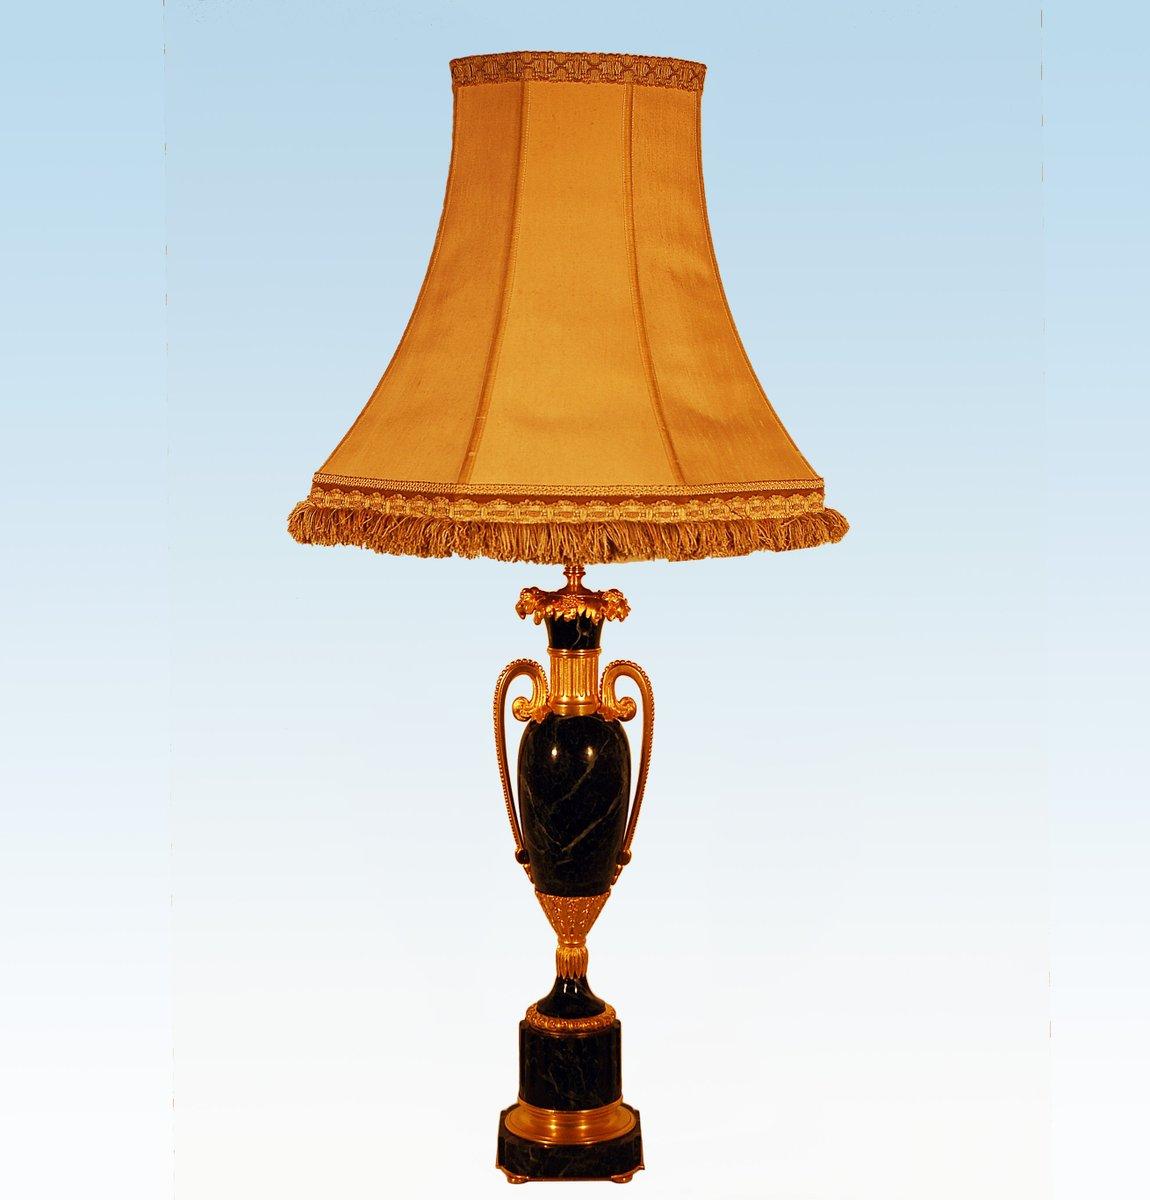 Vintage Tischlampe aus Marmor & vergoldeter Bronze von Maison Jansen